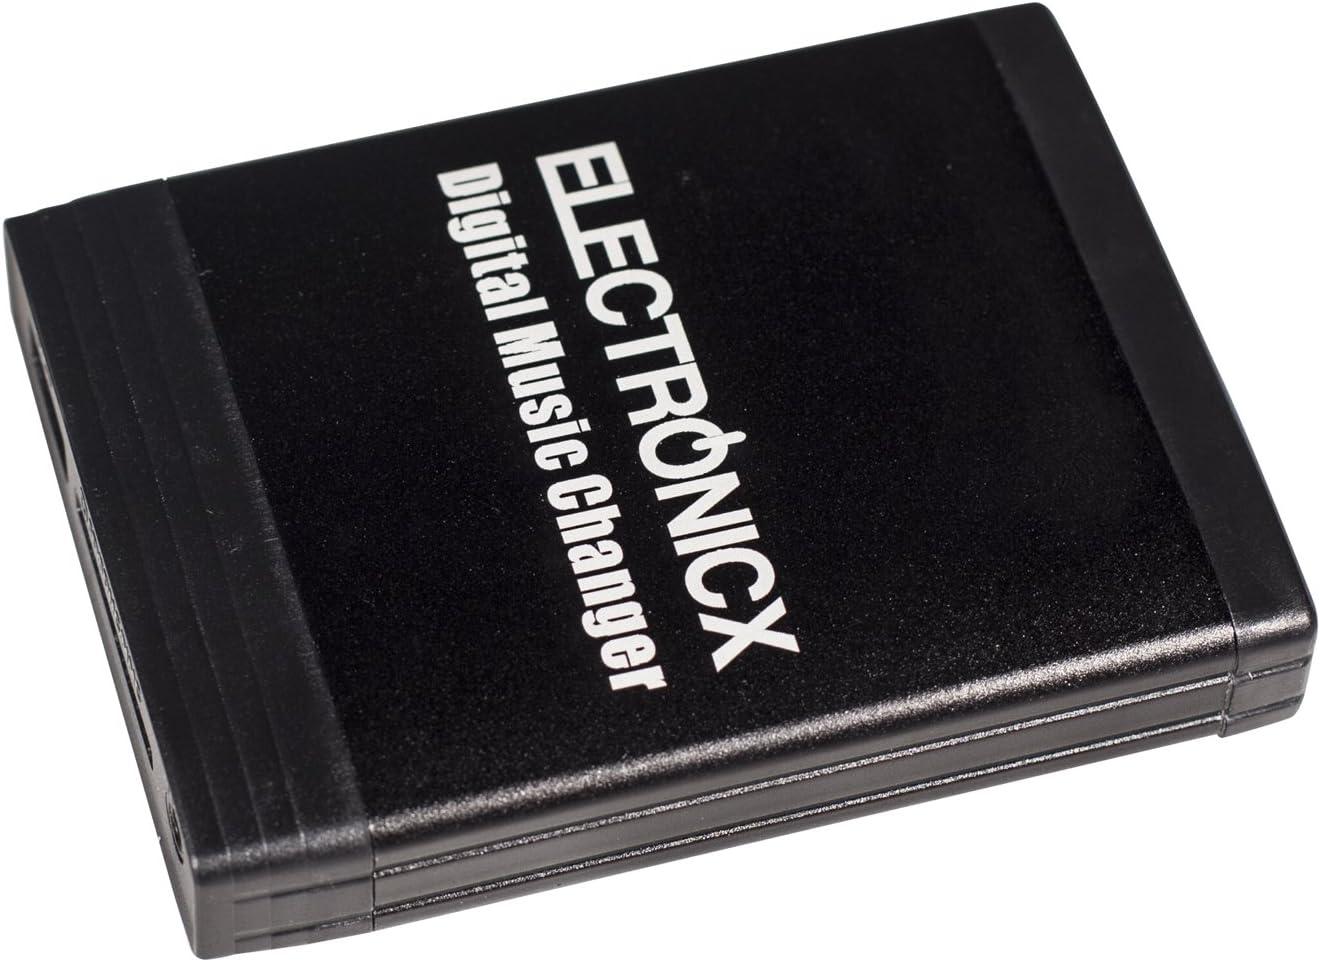 Electronicx Elec-M06-SMT Adaptateur Changeur num/érique de Musique Voiture USB MP3 AUX SD CD pour Smart Lancia Fiat 8 Pin